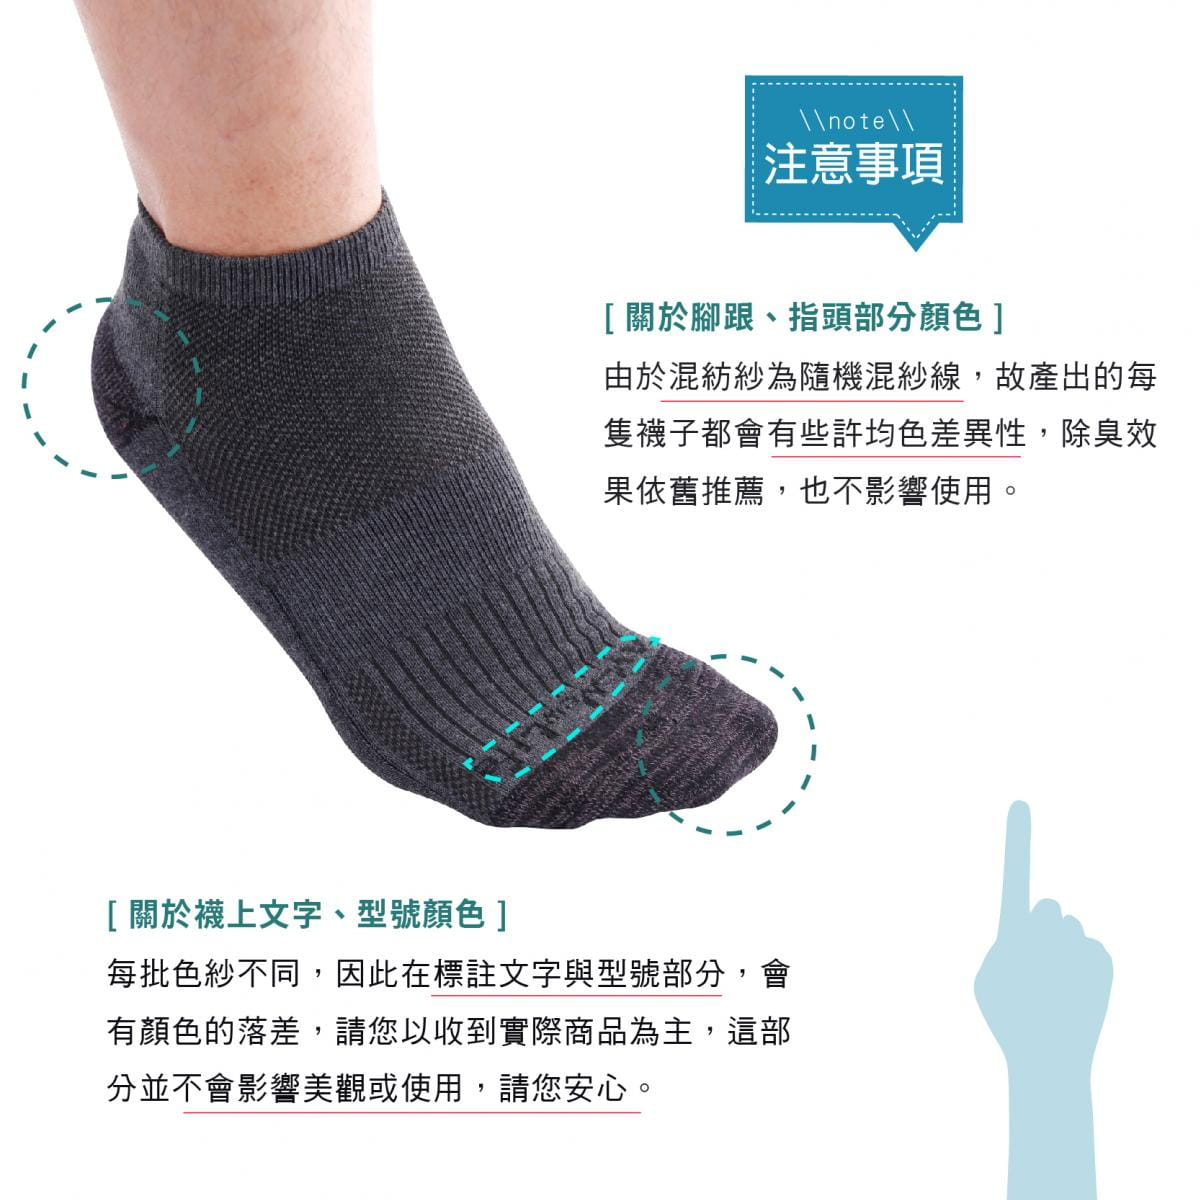 【FAV】除臭運動襪 (一般底、毛巾底) 5